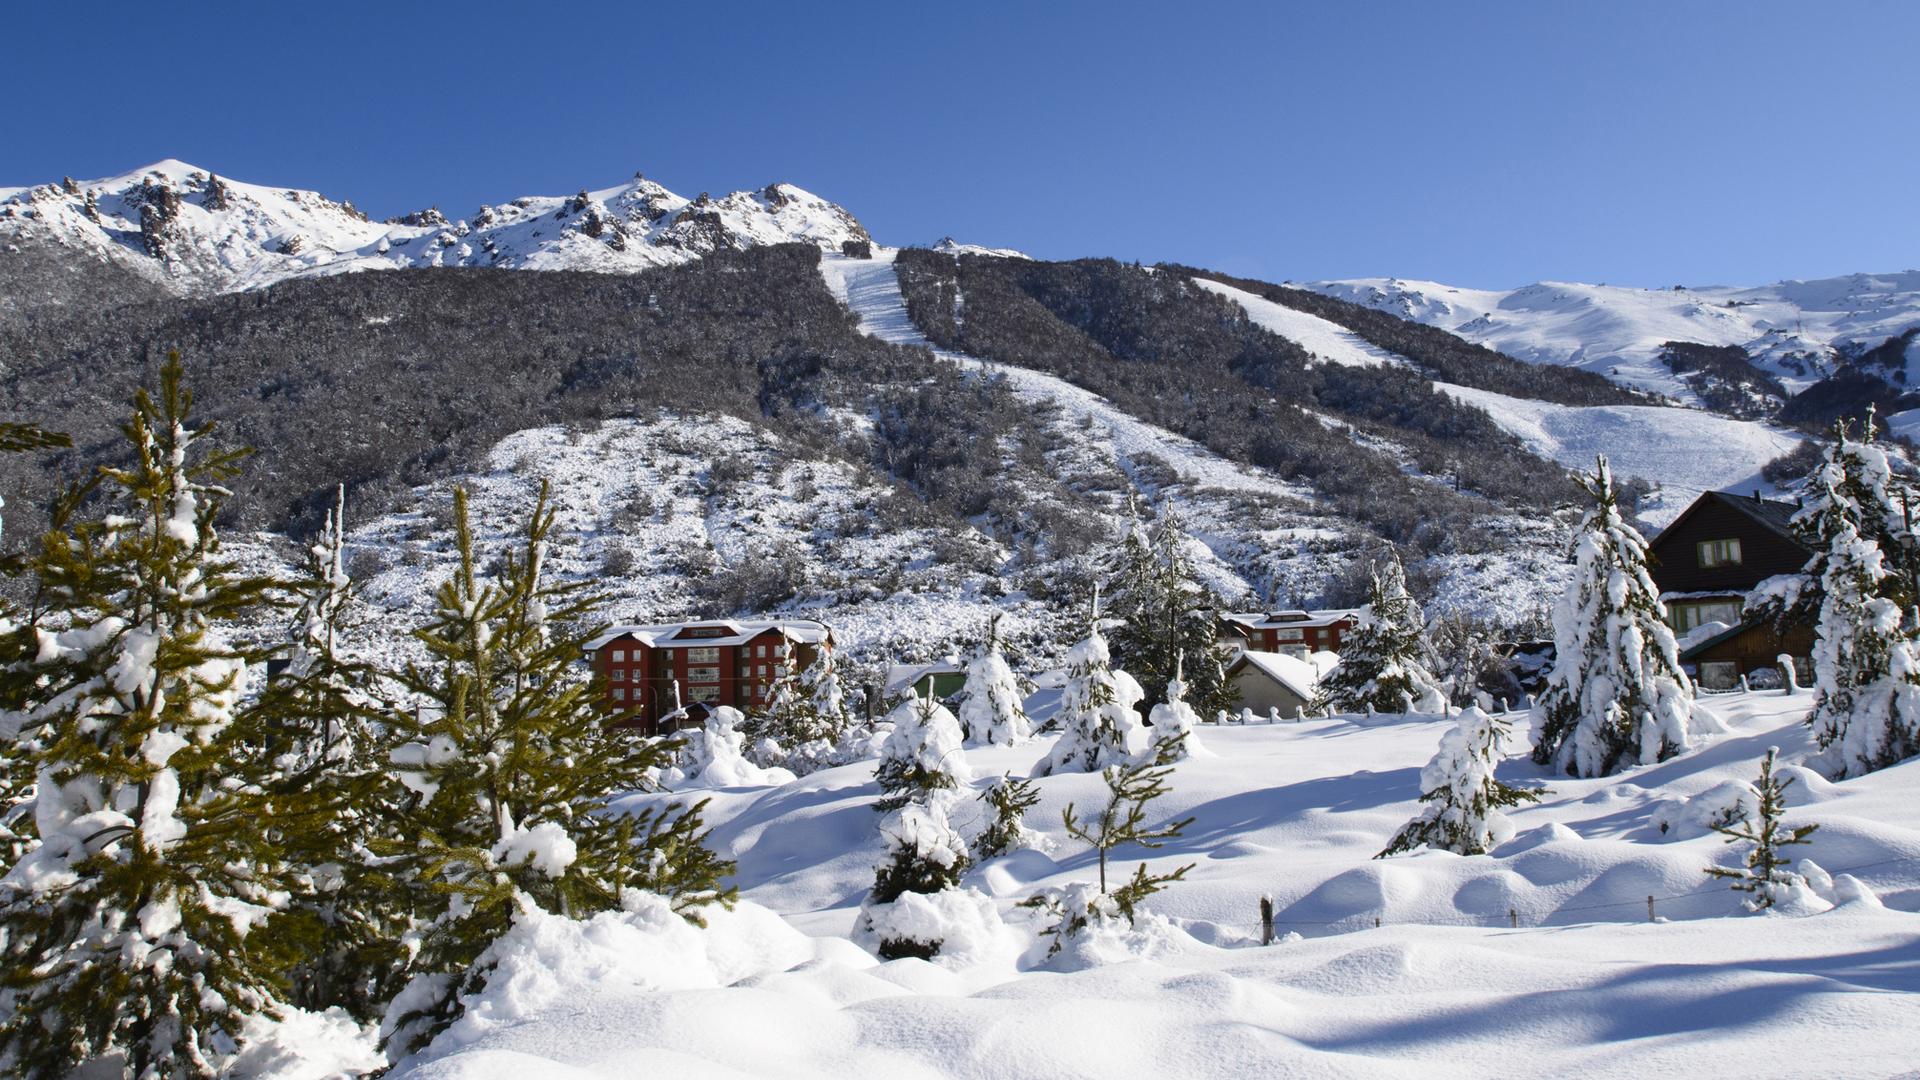 Para esta temporada desde la agencia Despegar notaron una gran cantidad de búsquedas a San Carlos de Bariloche